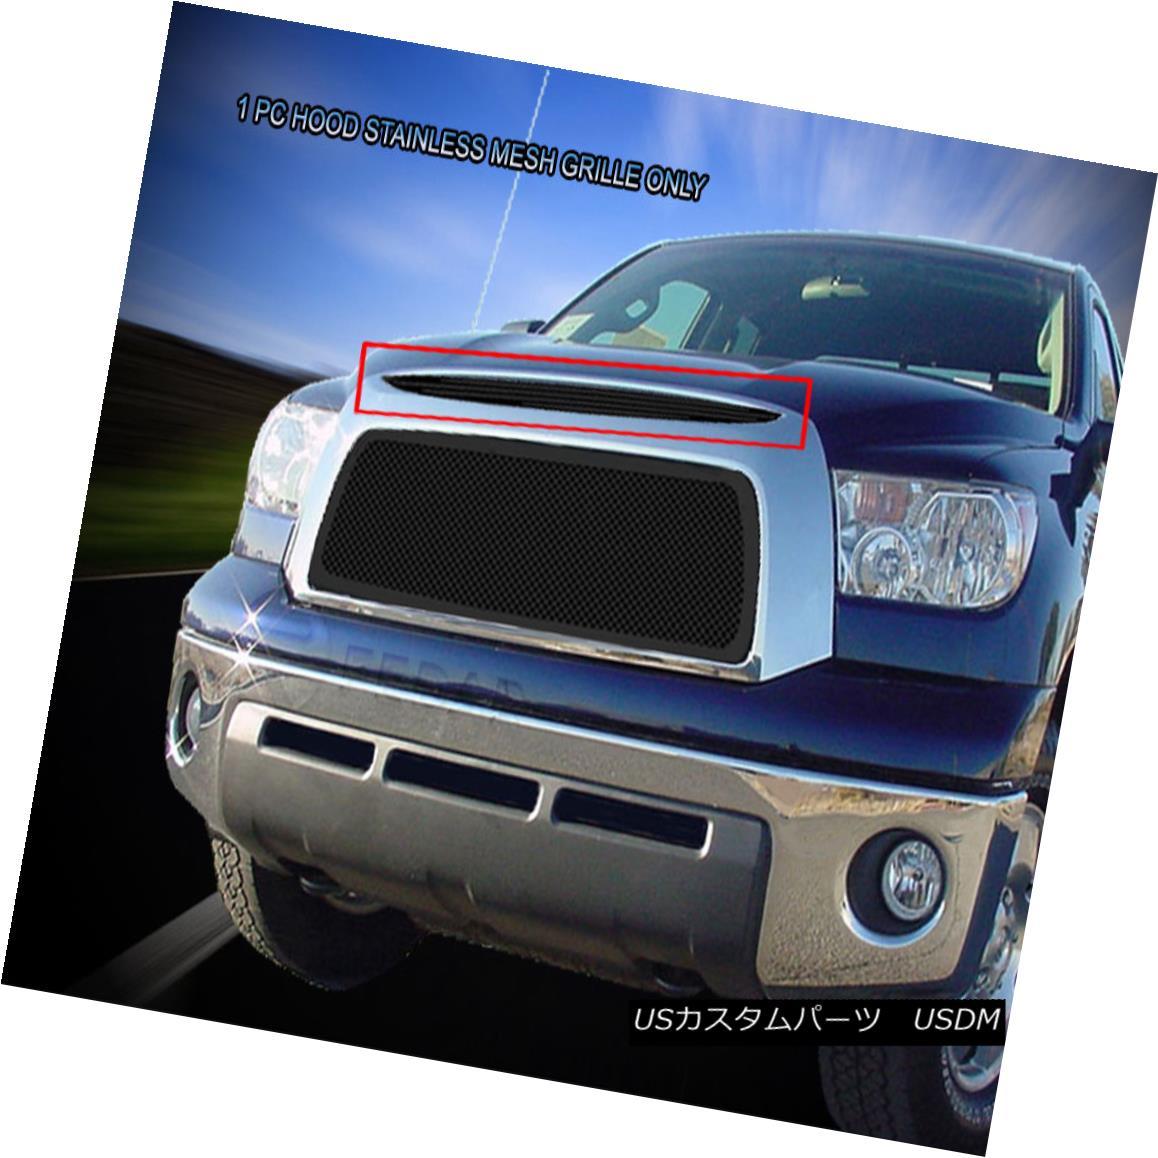 グリル For 2007-2009 Toyota Tundra Black Stainless Mesh Grille Upper Hood Insert Fedar 2007 - 2009年トヨタトンドラブラックステンレスメッシュグリルアッパーフードインサートフェルダー